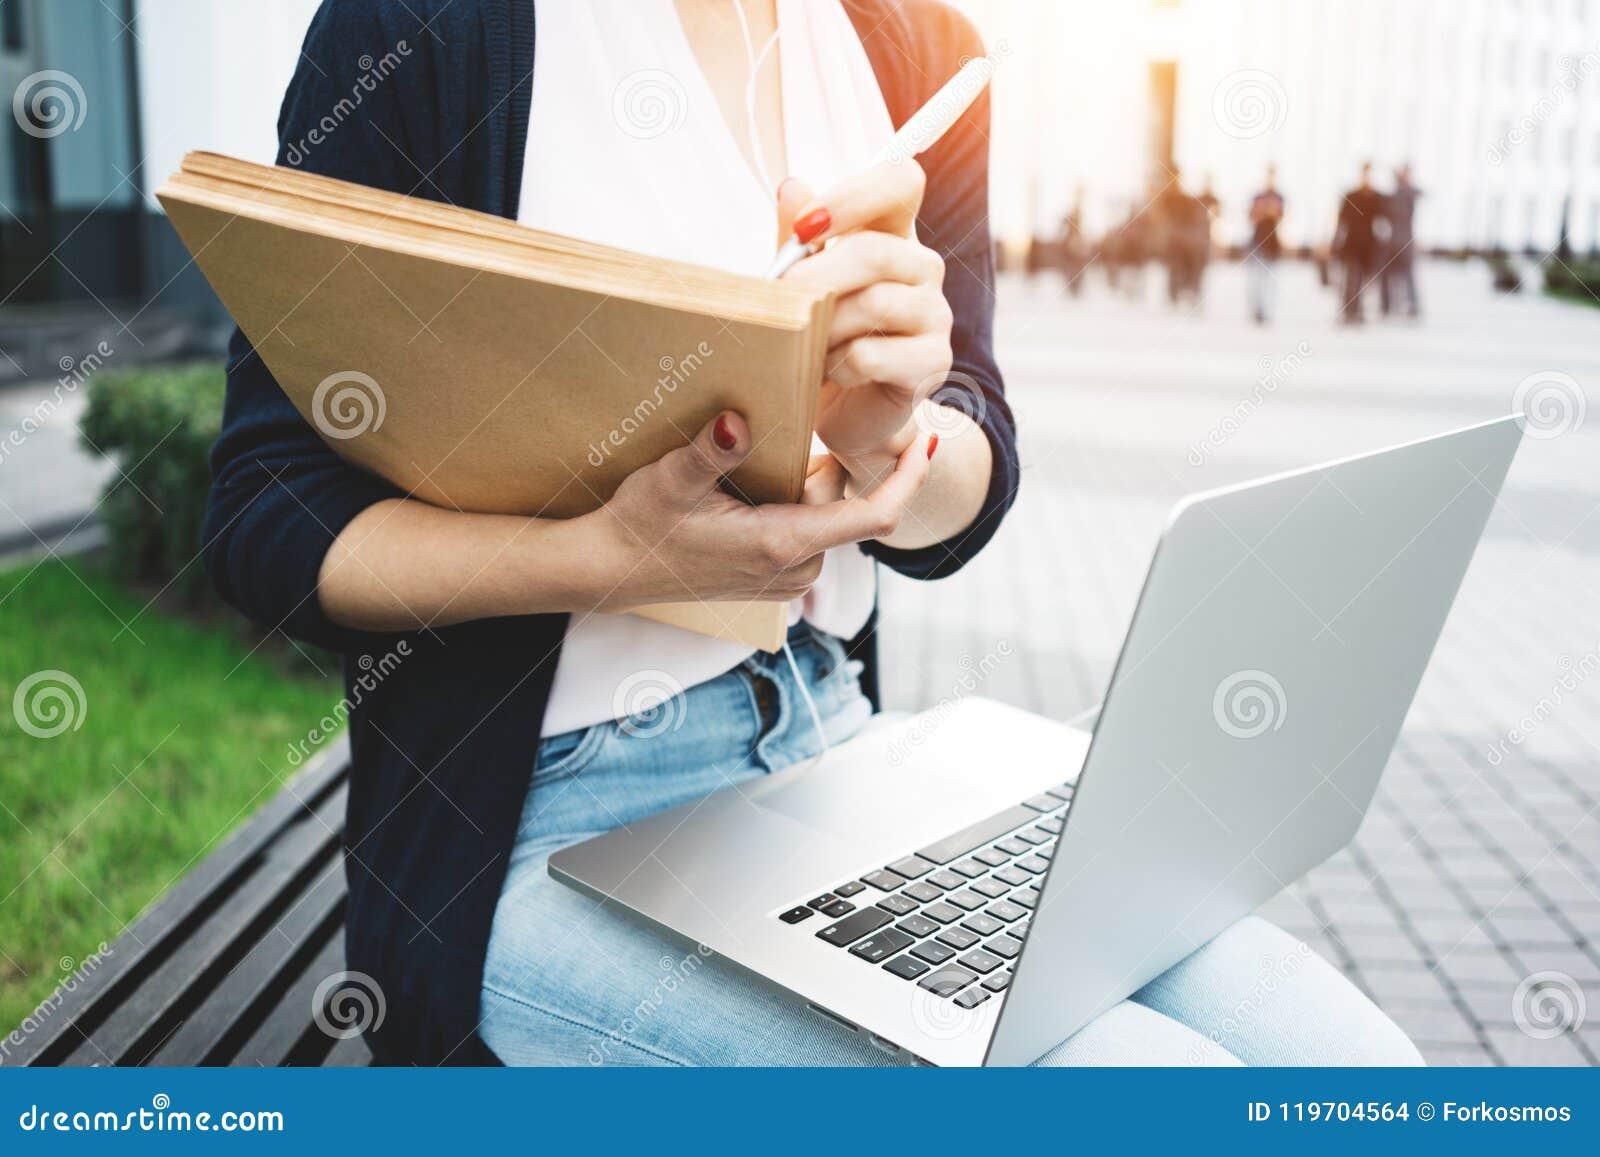 Ung kvinnlig forskning för freelancerdanandearbetsmarknad på den moderna bärbara datorn, sitter på det fria i stads- gata